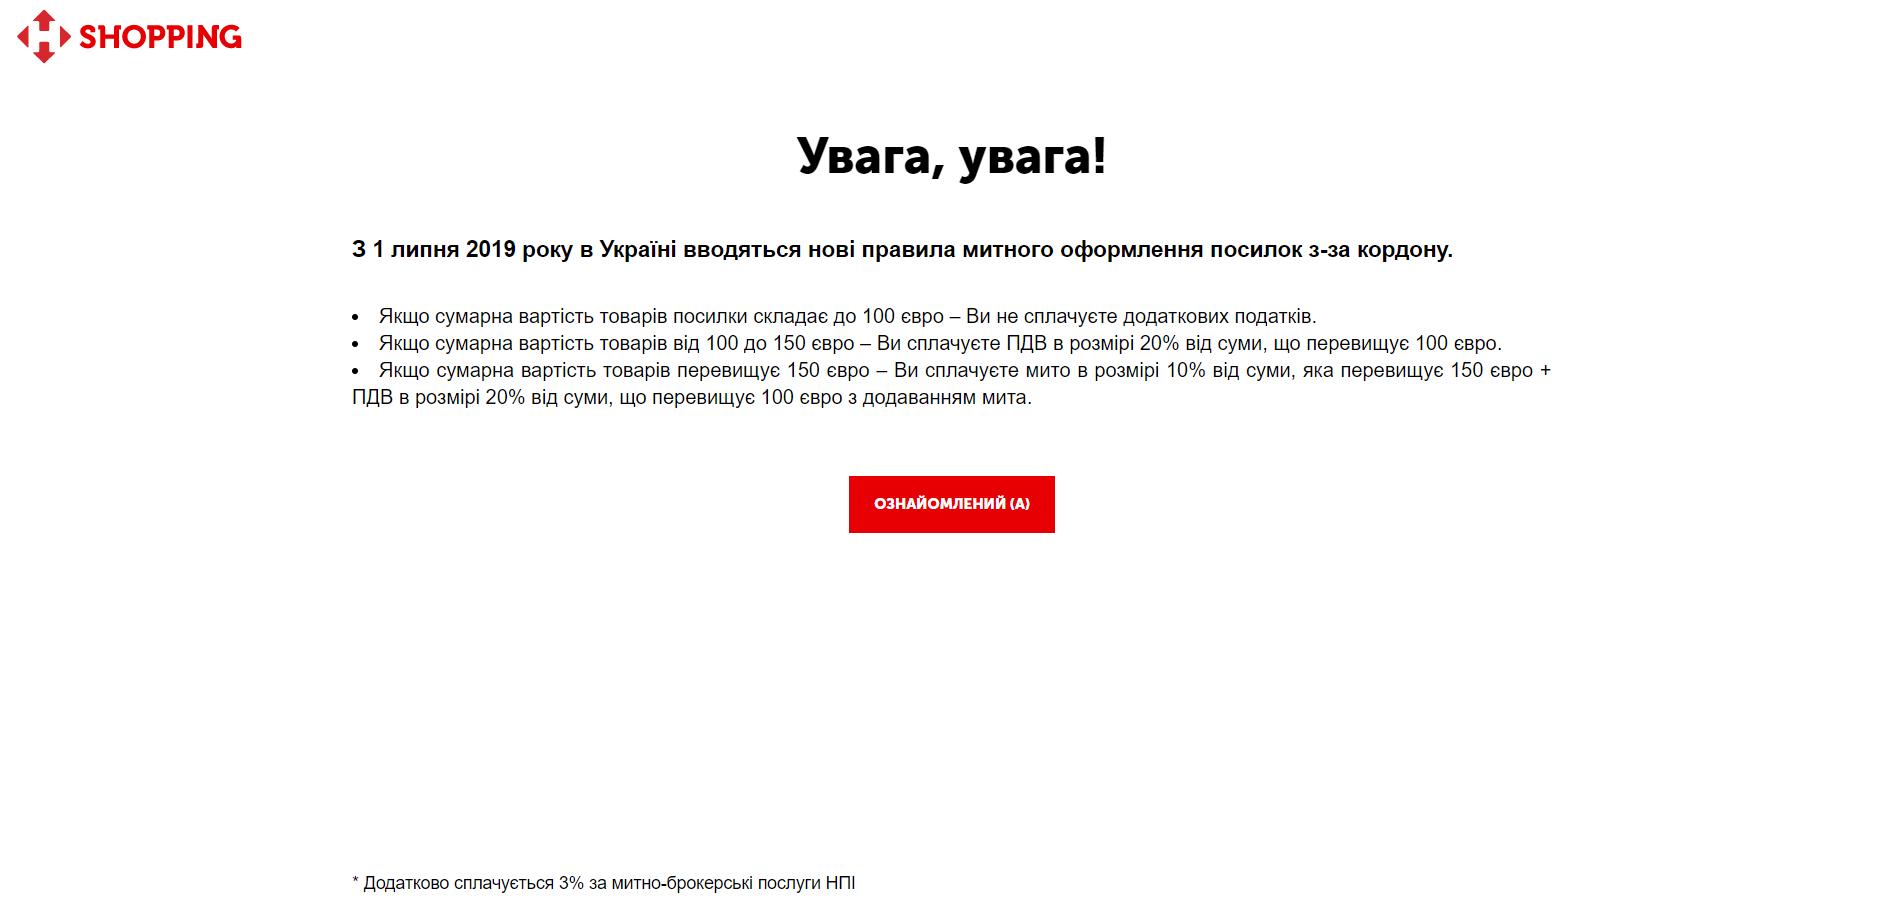 С 1 июля в Украине начнут взимать пошлины с интернет-покупок дороже 100 евро